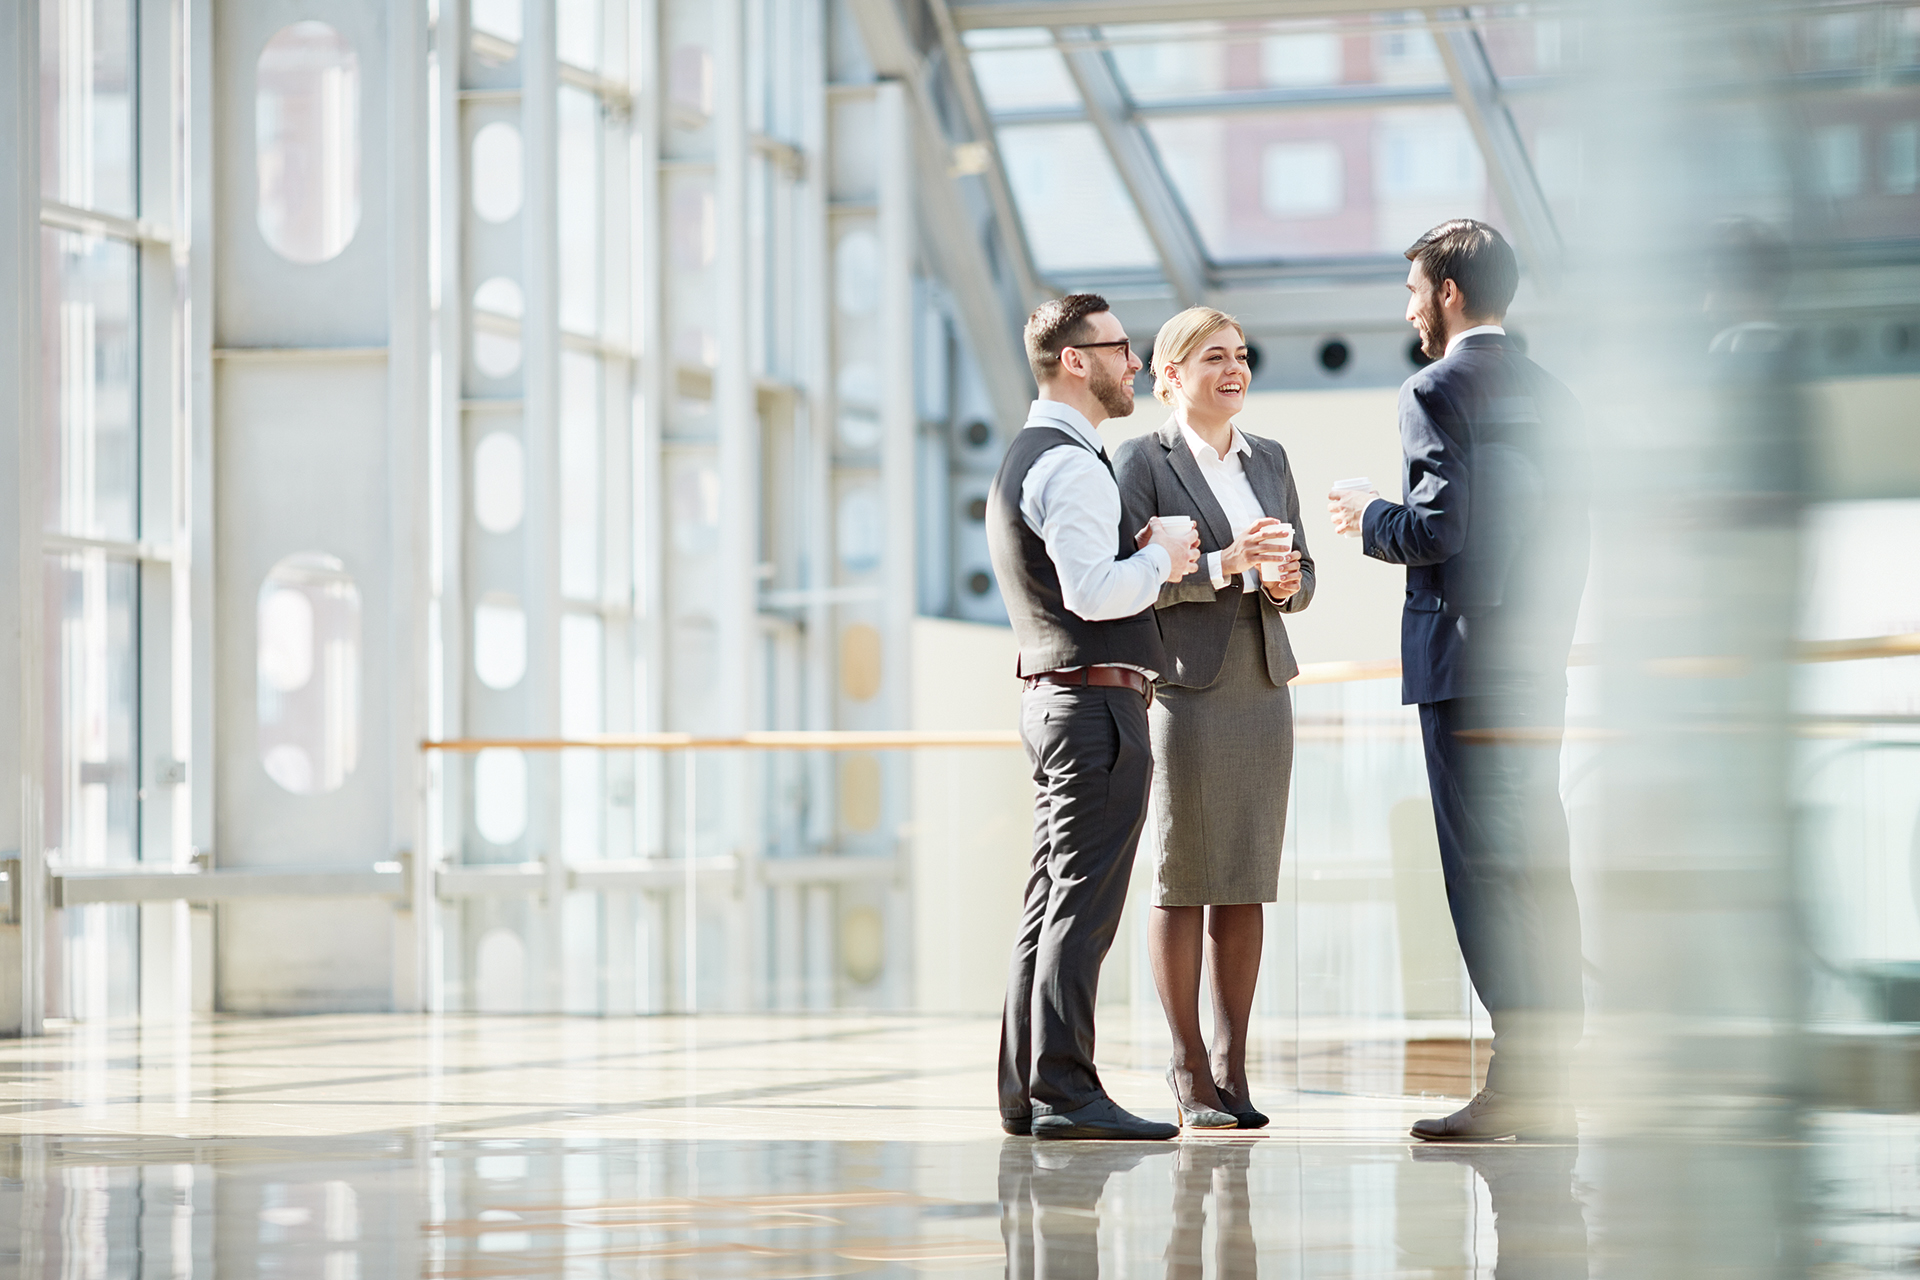 ヘイズ・ジャパン、過半数の国内企業で2018年の昇給率が3%以下になると見解発表